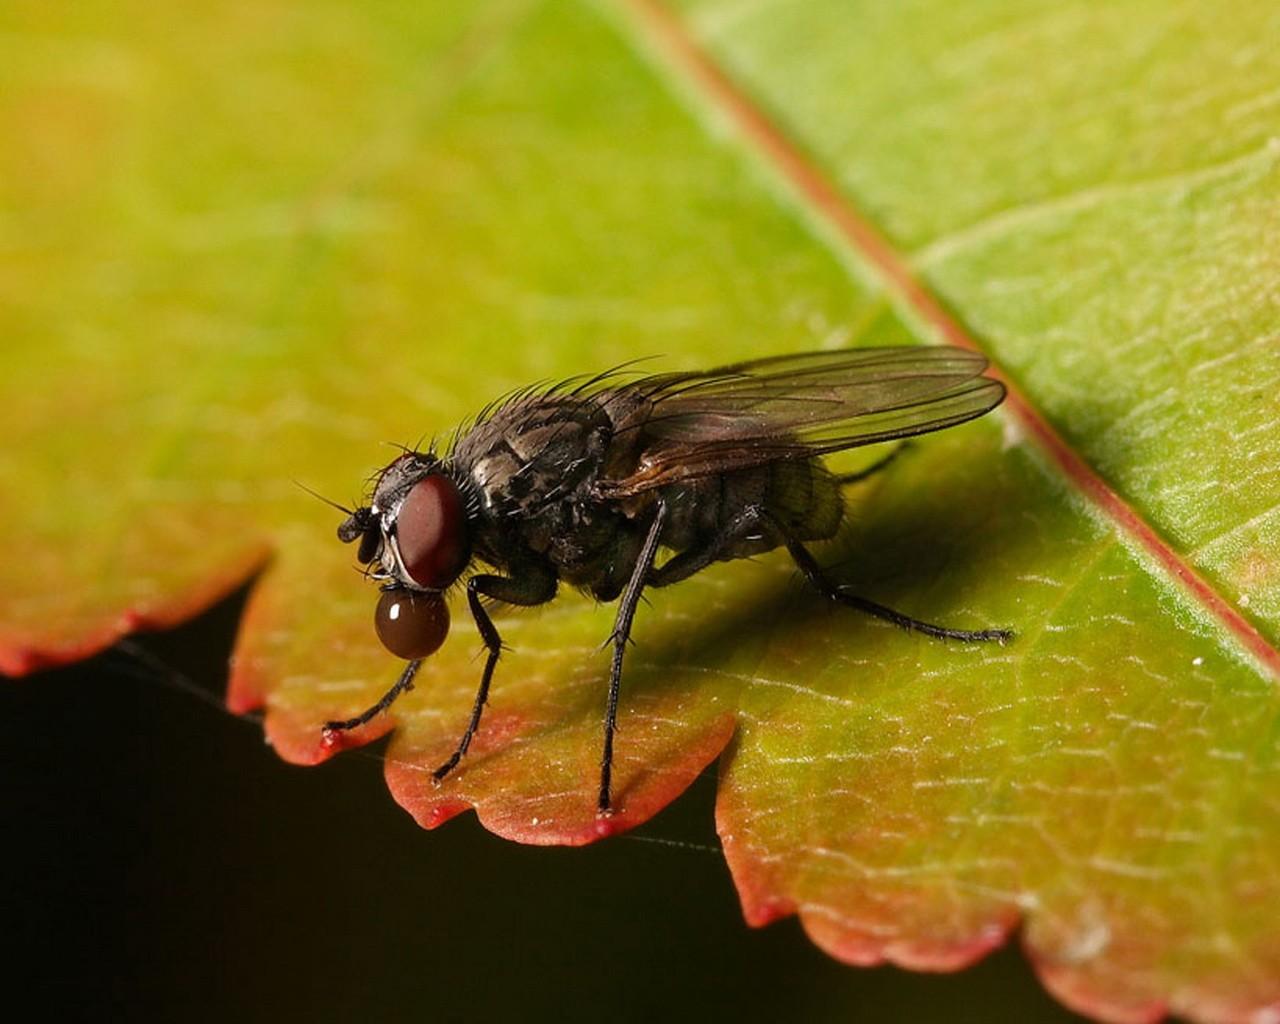 Ученые уверены, что масло насекомых можно использовать в качестве источника омега-3